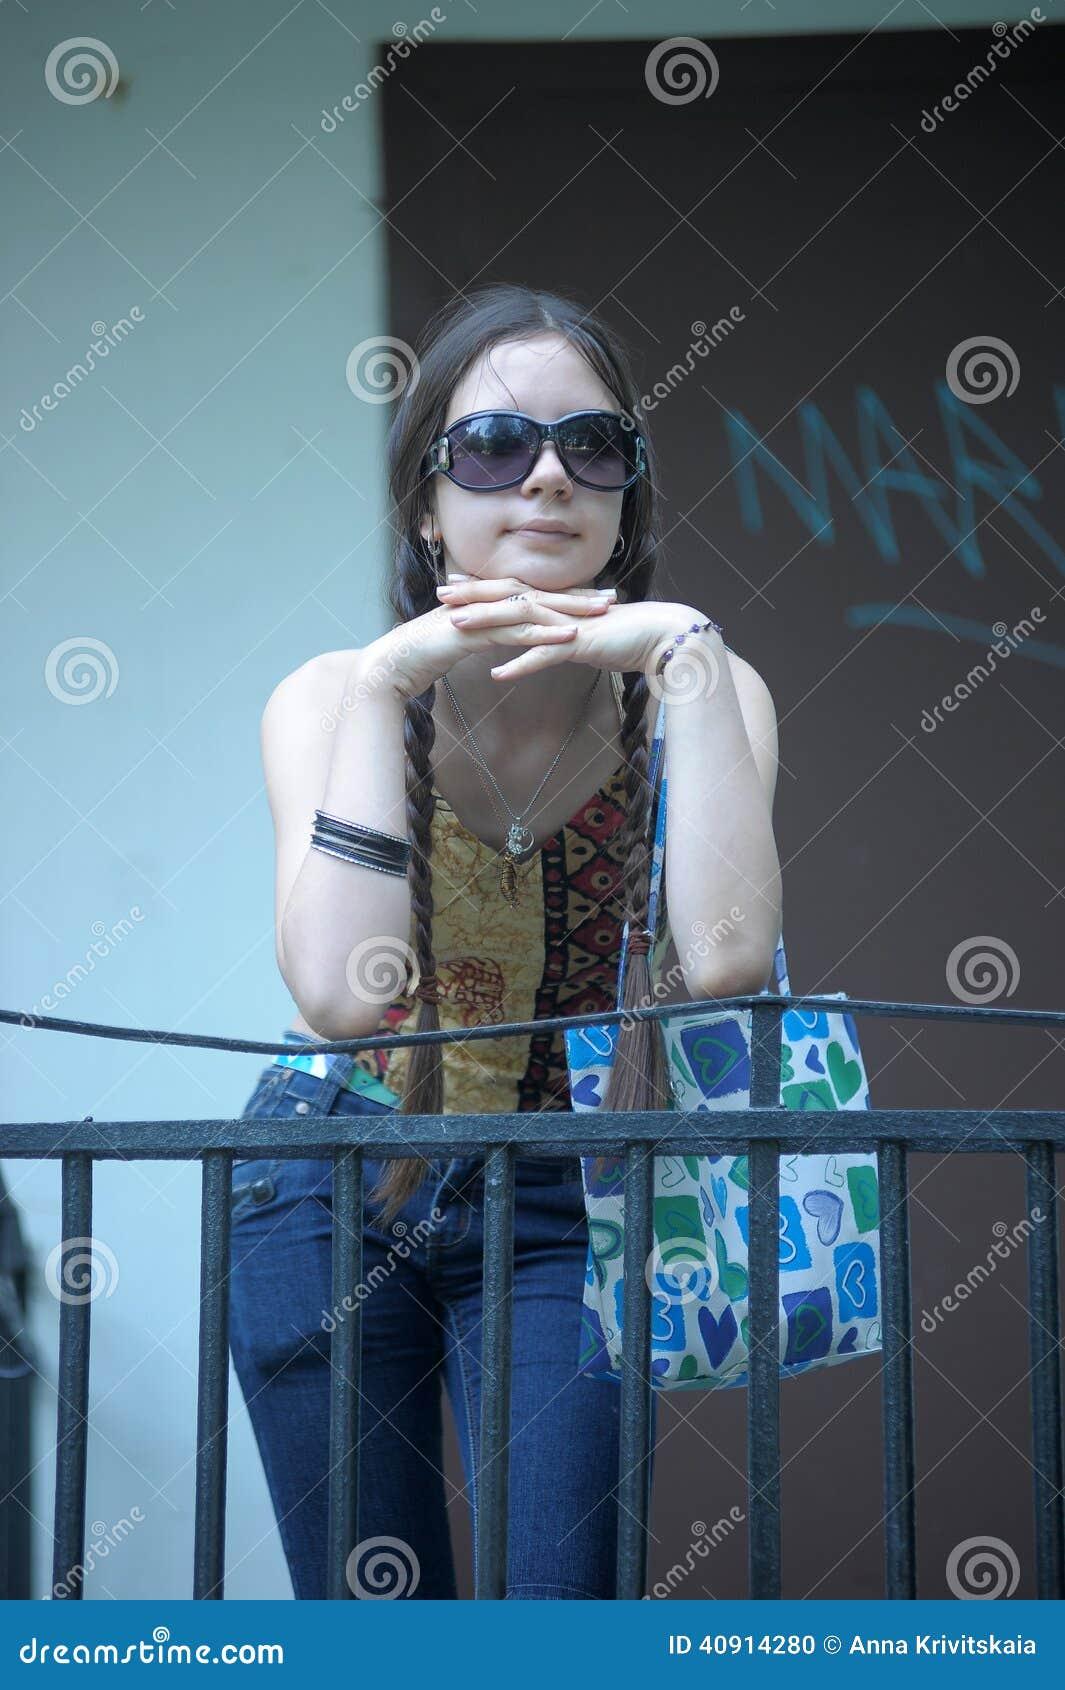 Dark haired teen girl in sunglasses